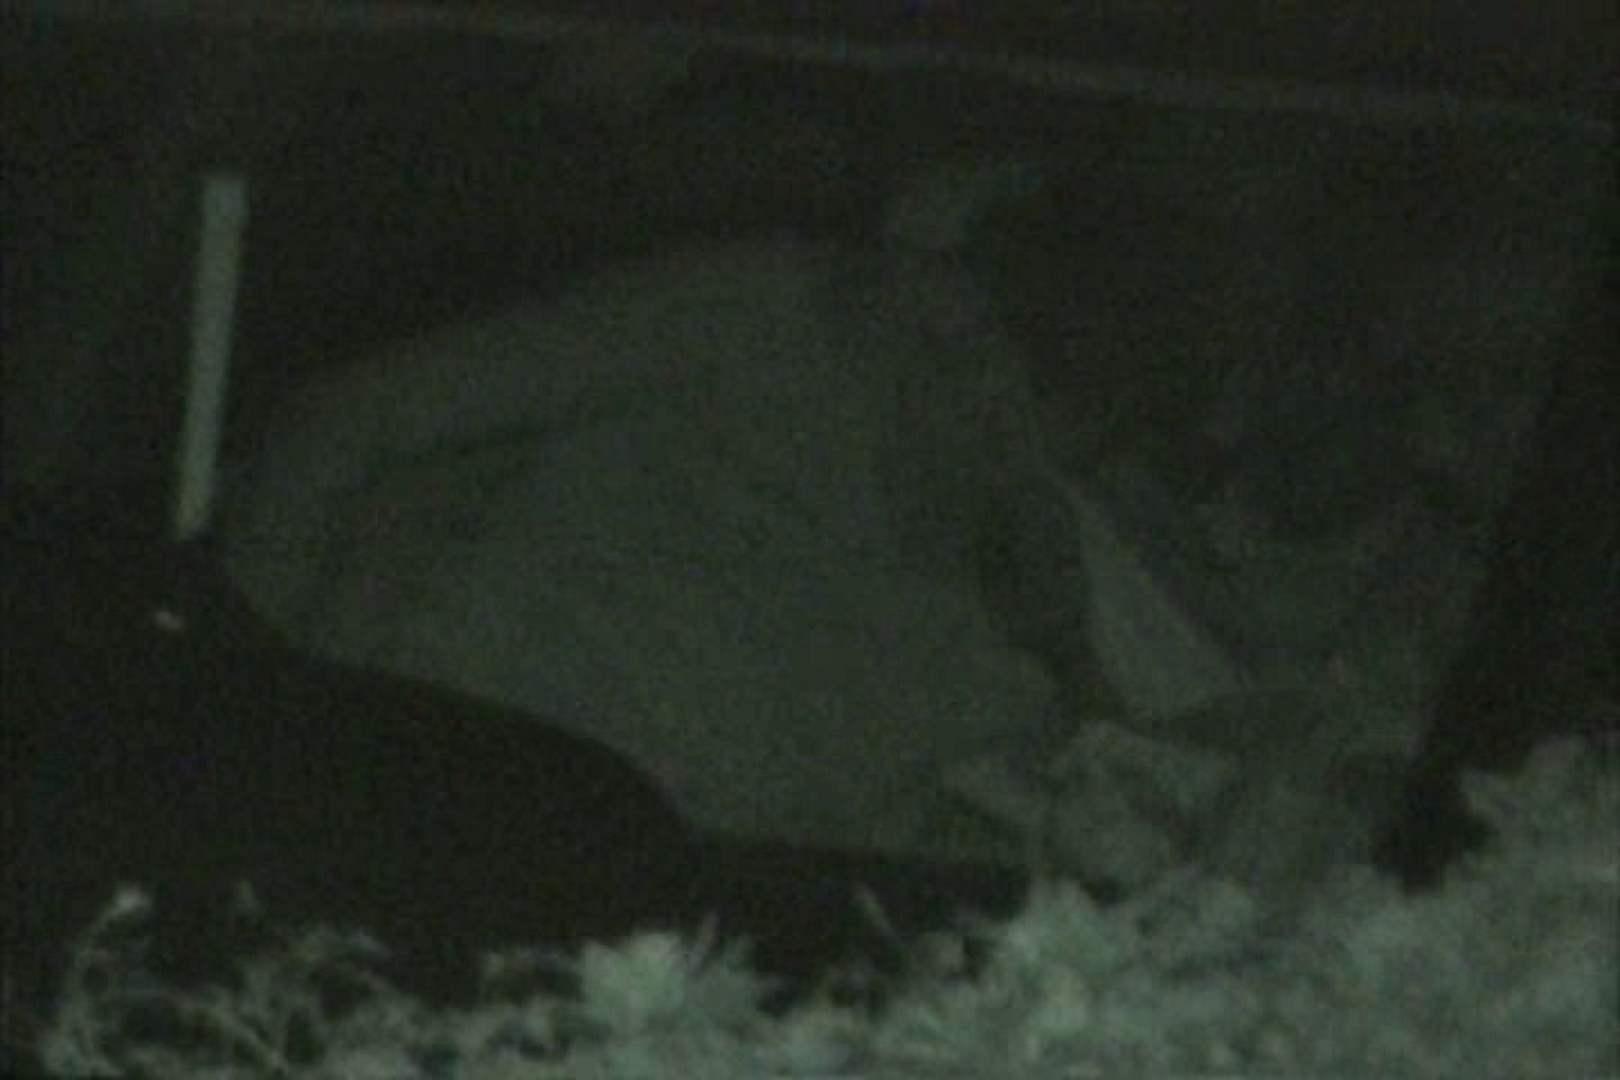 車の中はラブホテル 無修正版  Vol.23 エッチなセックス 盗撮動画紹介 81画像 25